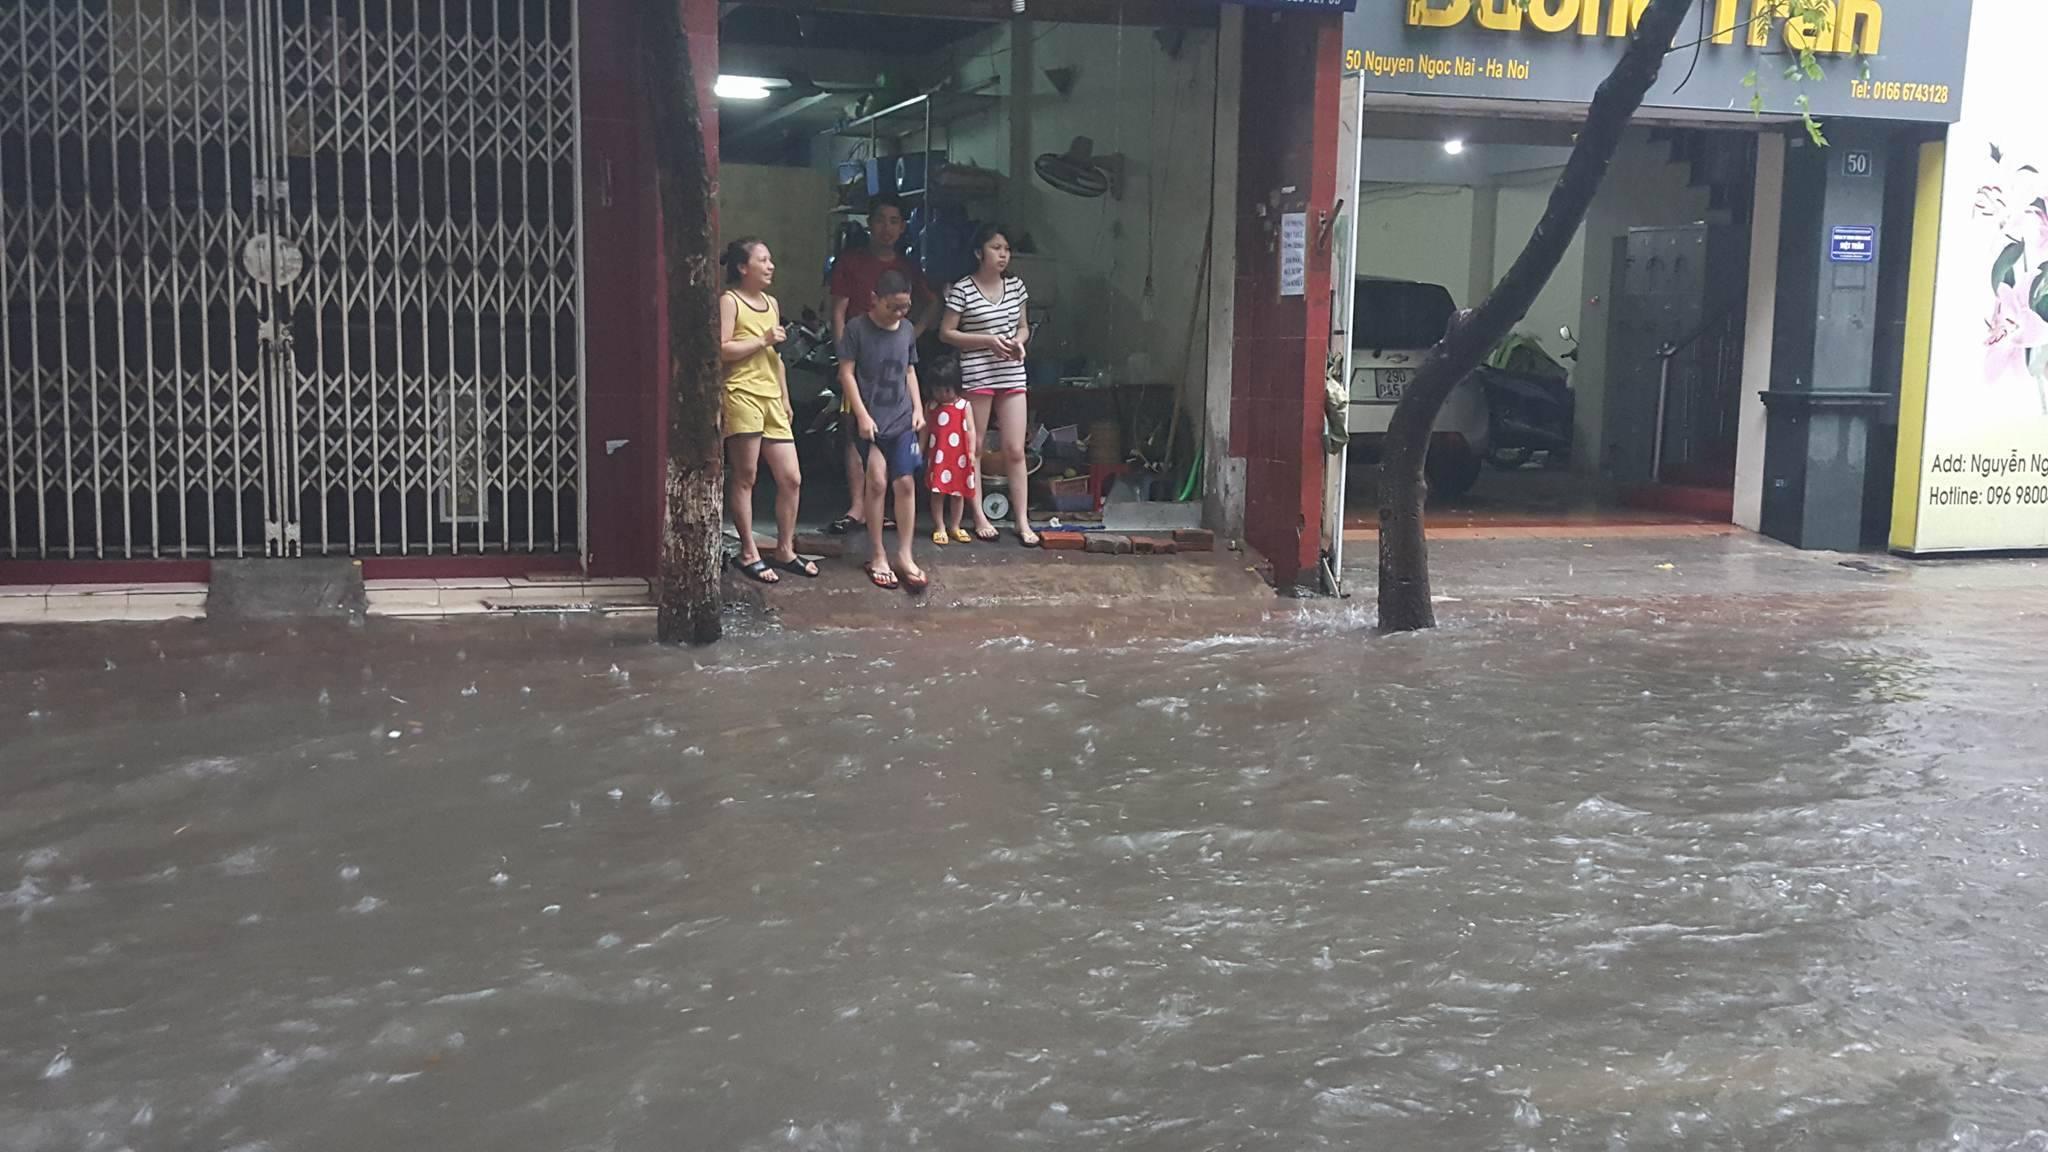 Hà Nội mưa rất to, nhiều nơi ngập sâu